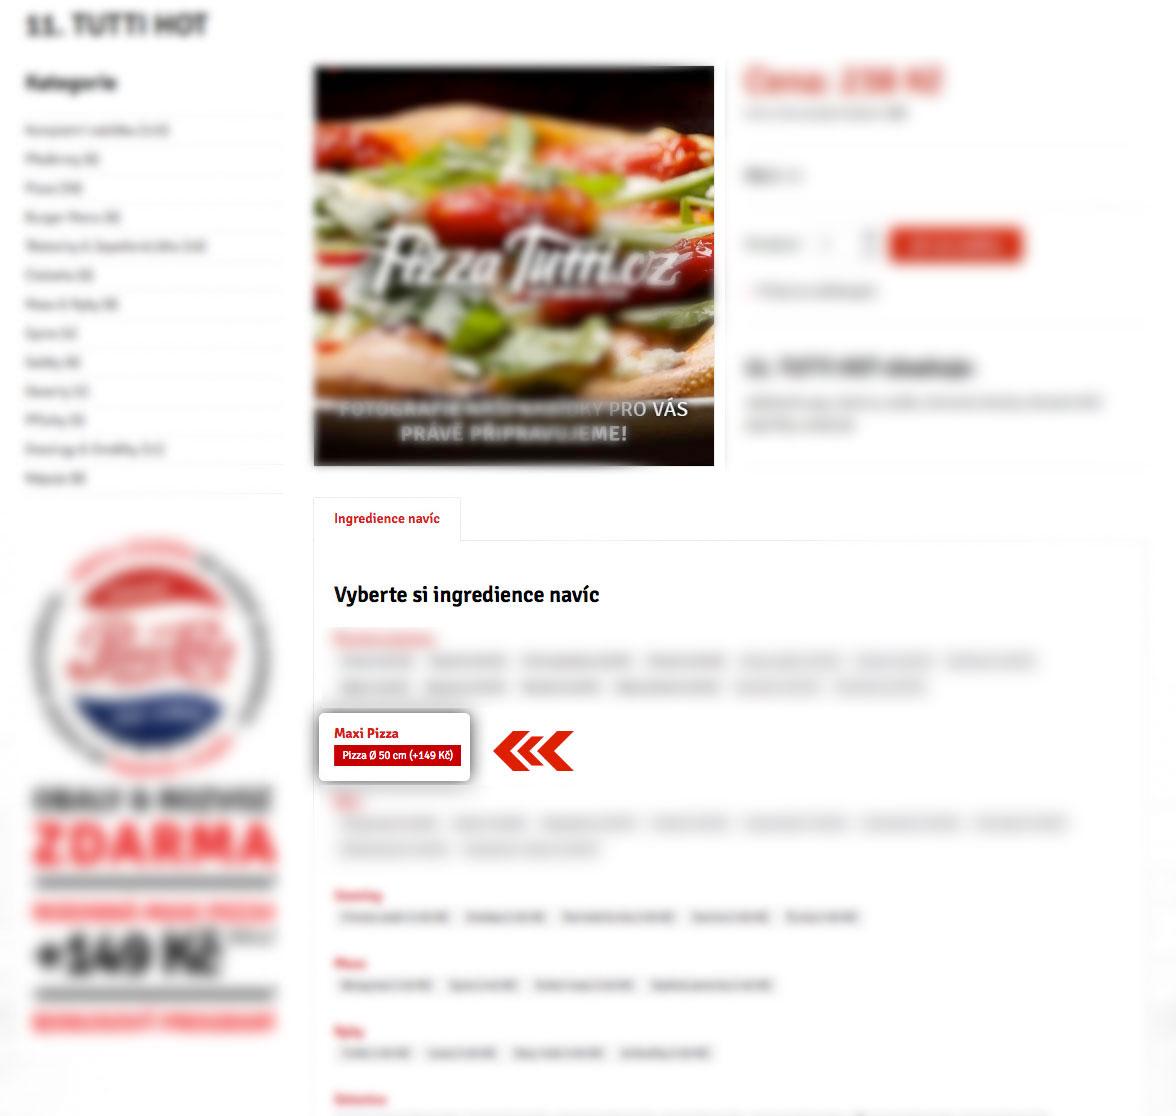 Jak objednat Maxi Pizzu?